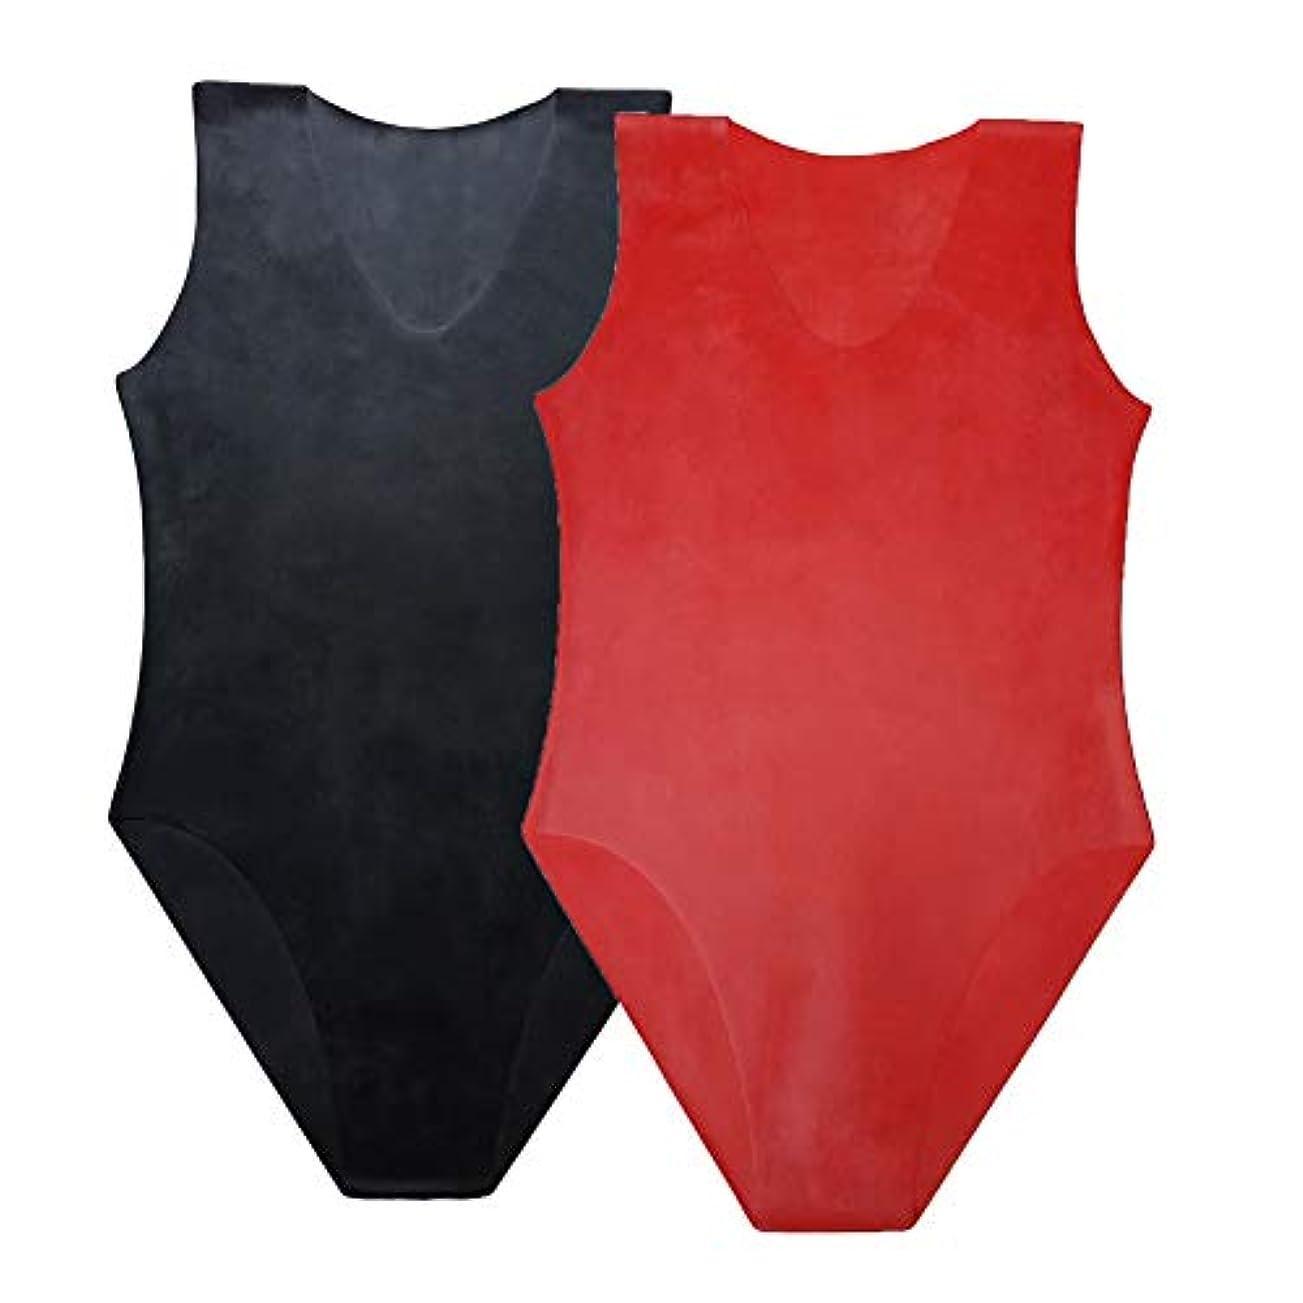 降雨不完全な極地EXLATEX ラテックス ボディスーツ 女性水着 ラテックス ラバー グミ レオタード ブラック ラテックス キャットスーツ